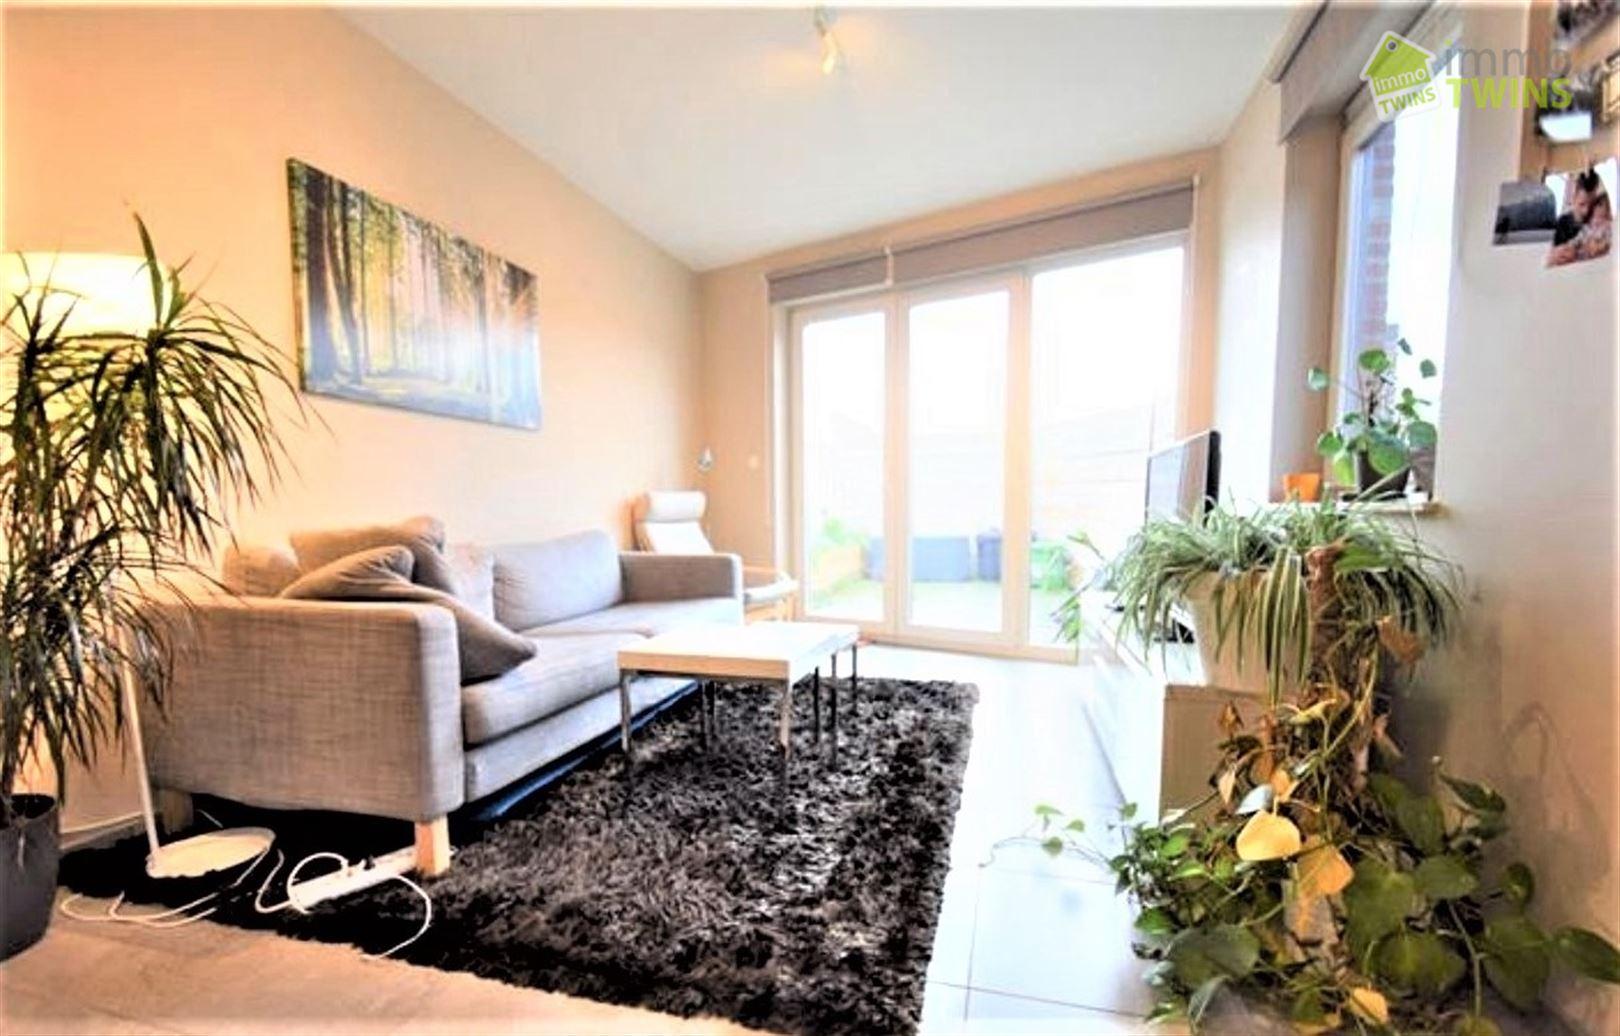 Foto 3 : Appartement te 9200 APPELS (België) - Prijs € 600